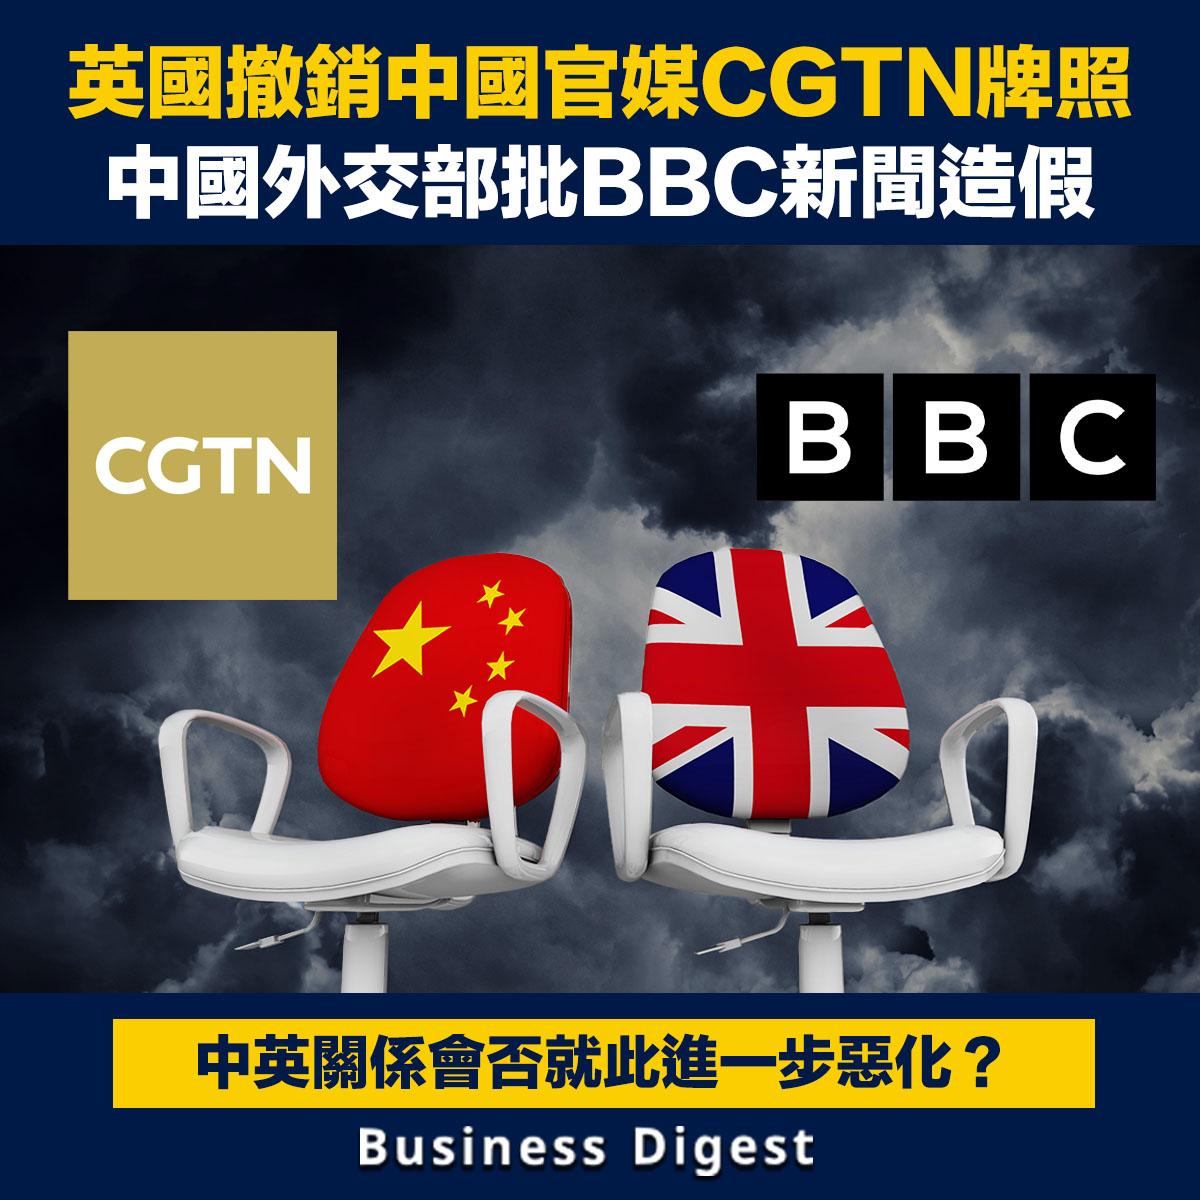 英國撤銷中國官媒CGTN牌照,中國外交部批BBC新聞造假